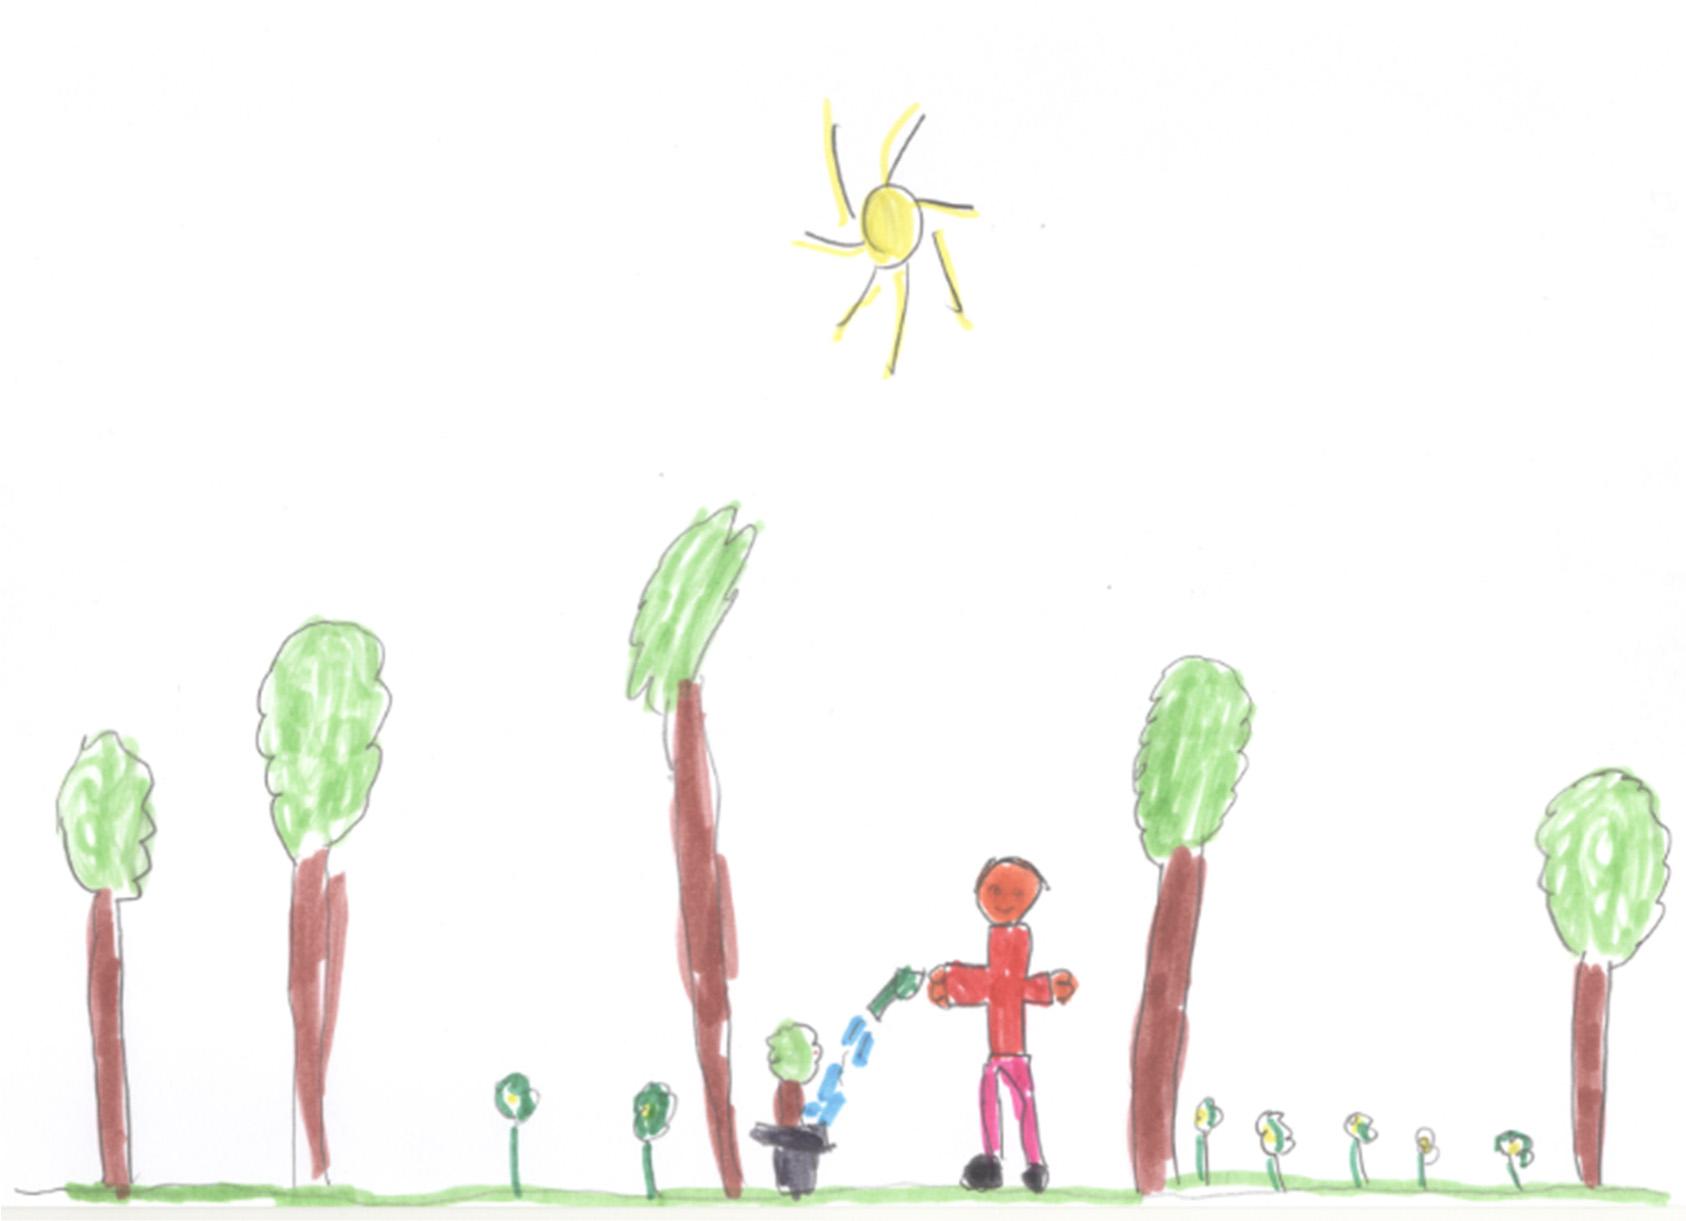 La Simetría Un Recurso Infantil Espontáneo Para Dibujar El Mundo